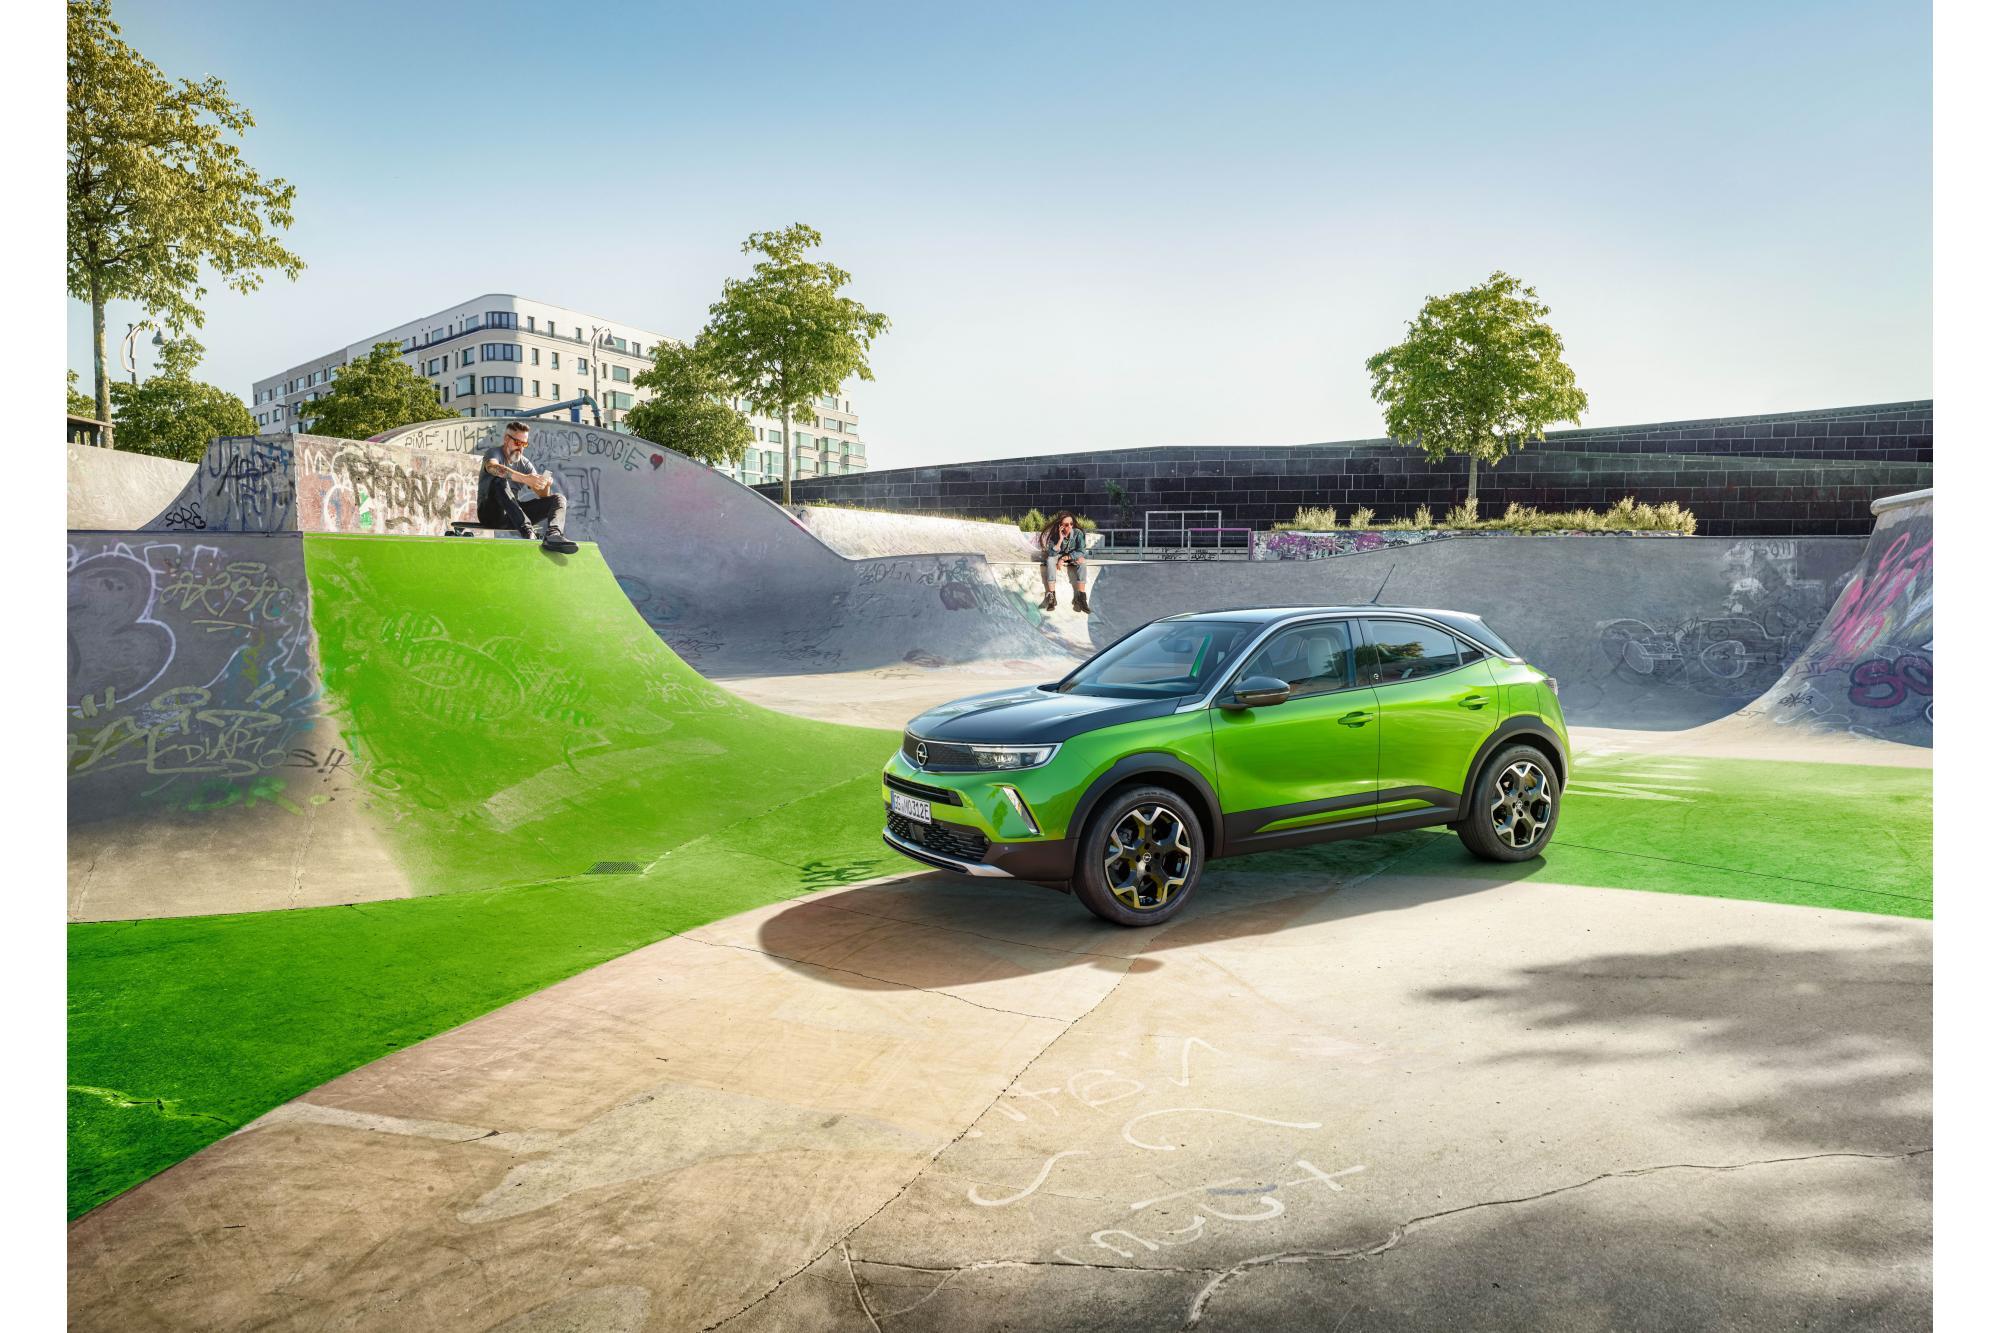 Παρουσιάστηκε επίσημα το νέο Opel Mokka